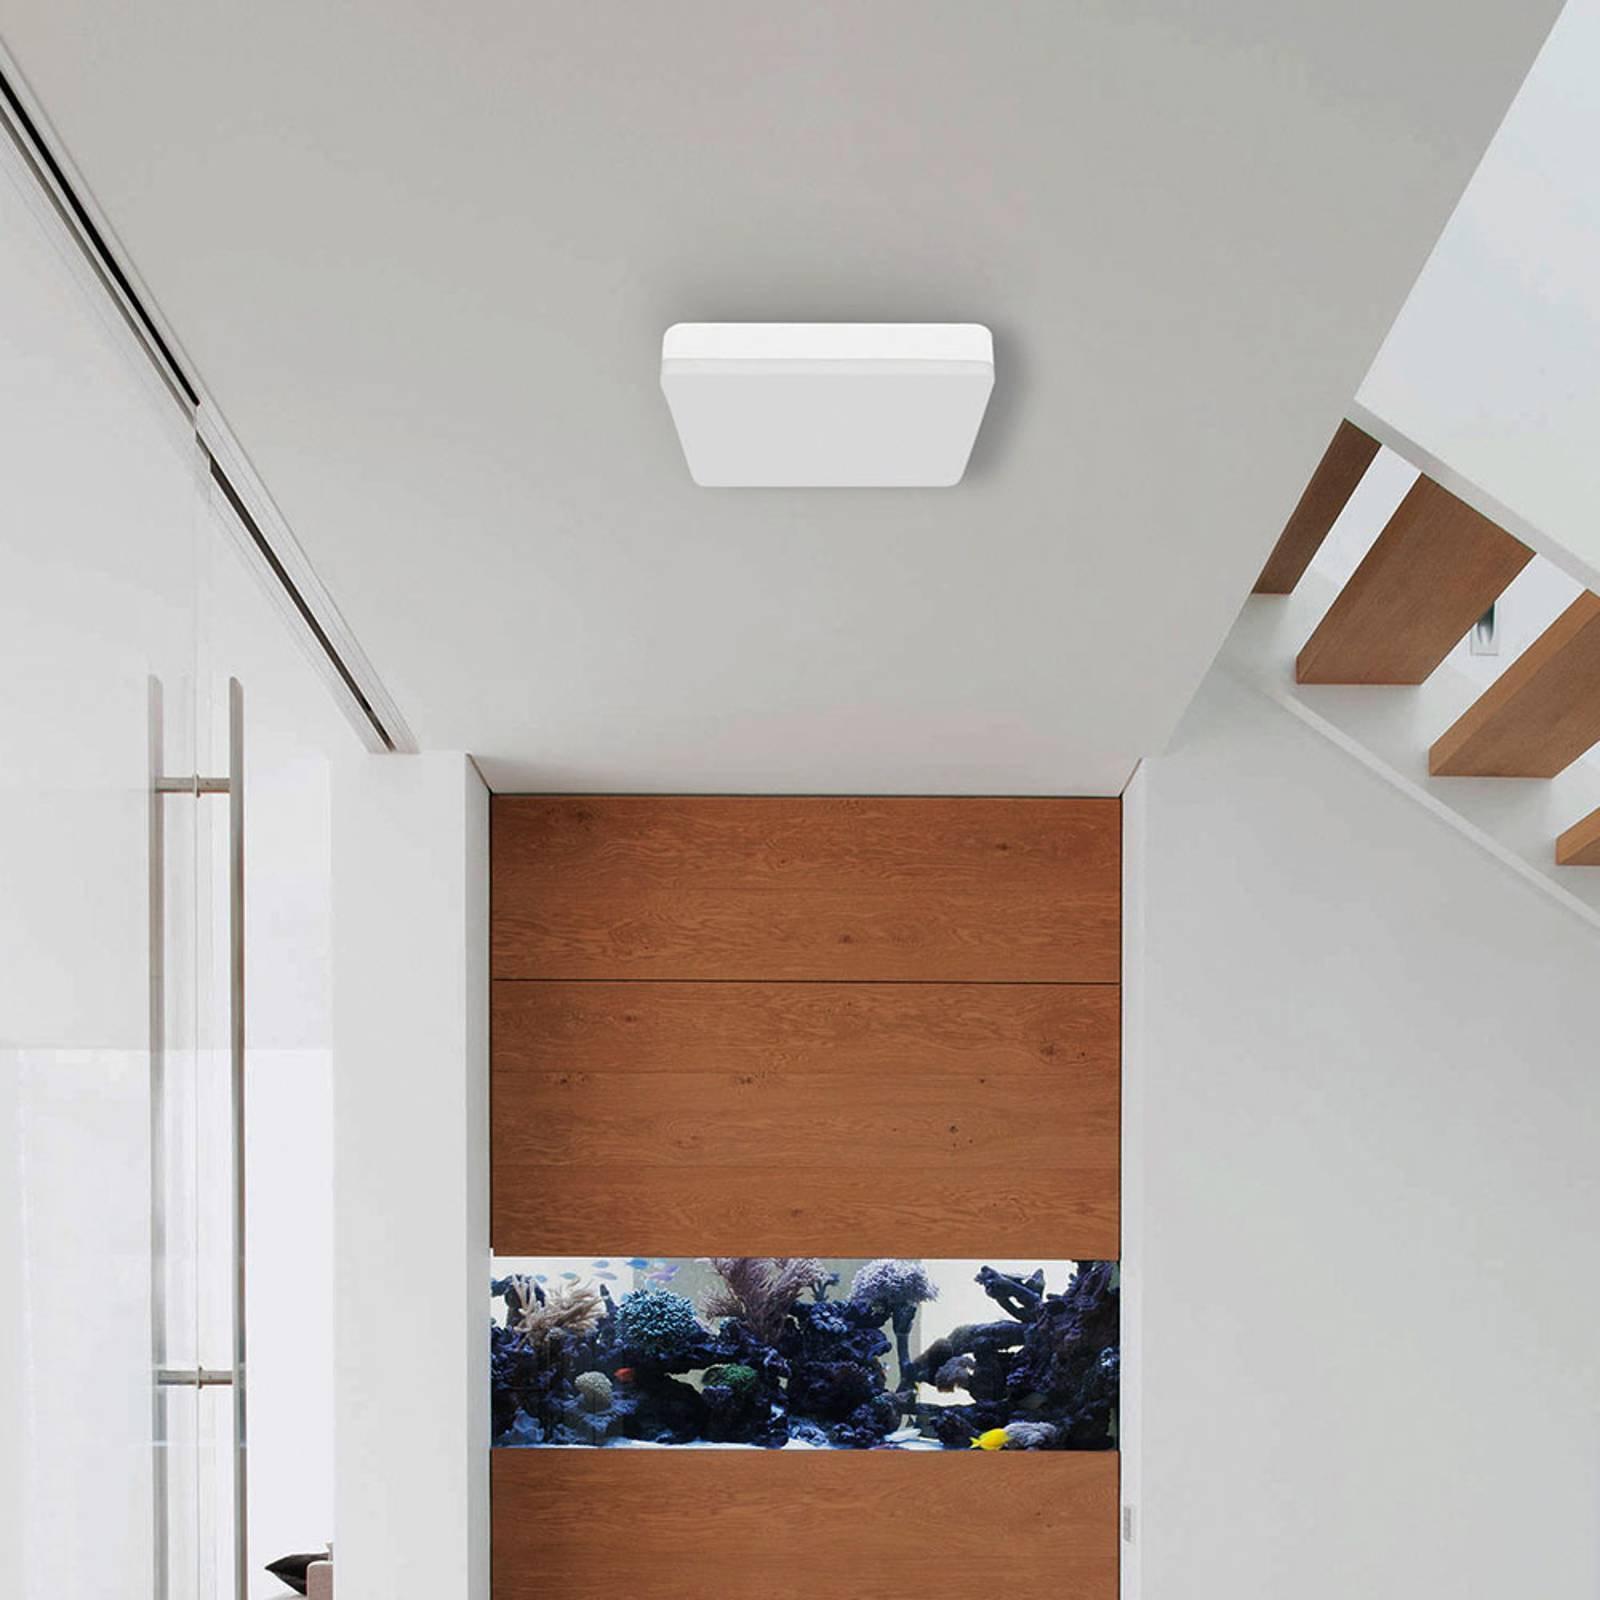 LED-taklampe til bad Square med bevegelsessensor